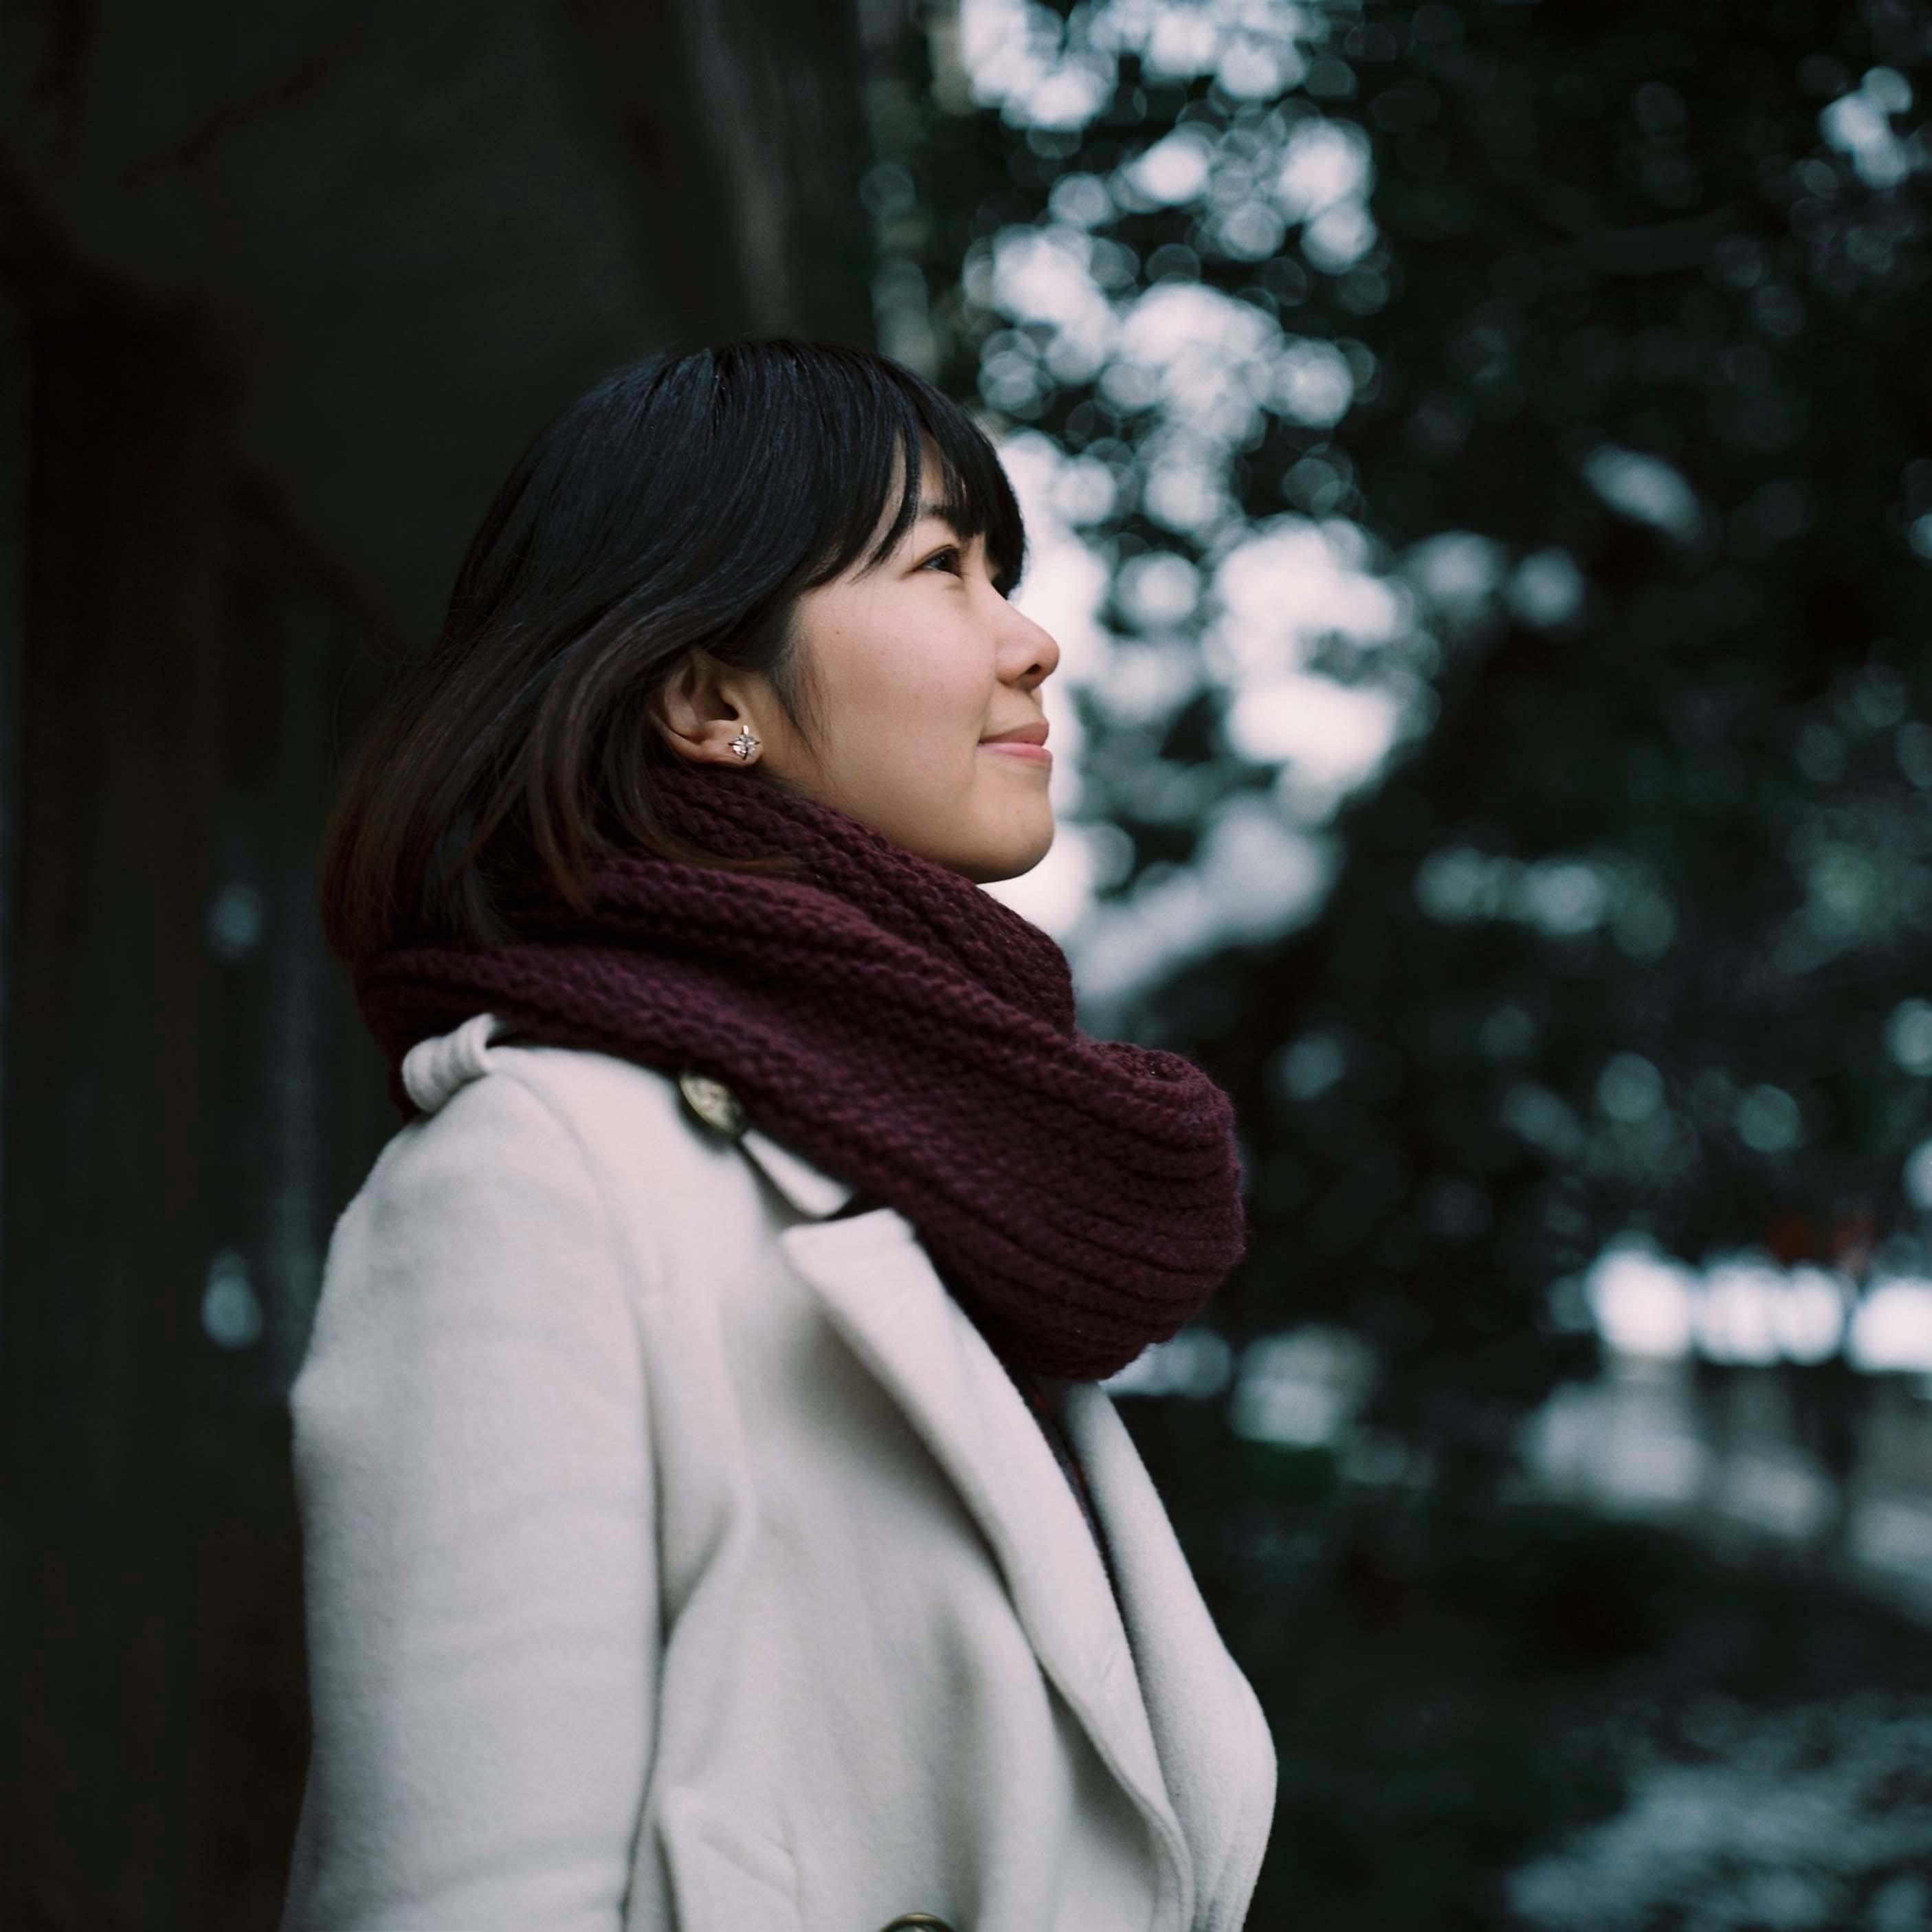 【故事】No.24 我和胶片的故事